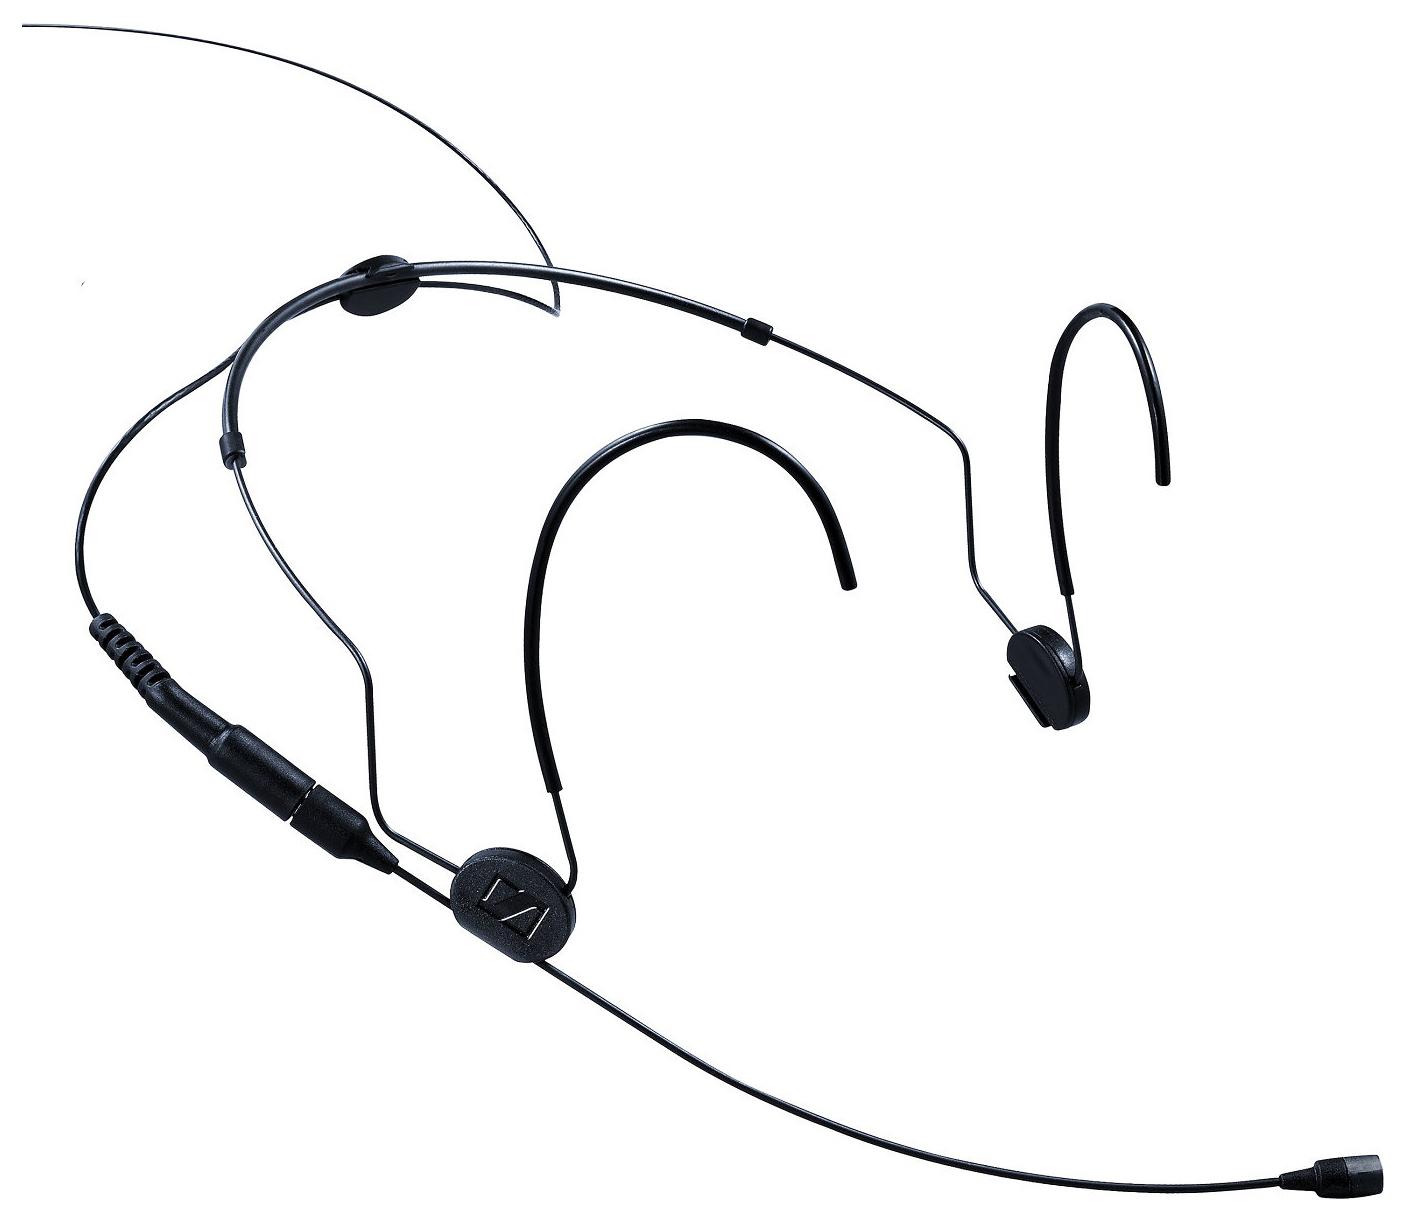 Микрофон Sennheiser HSP 2-EW